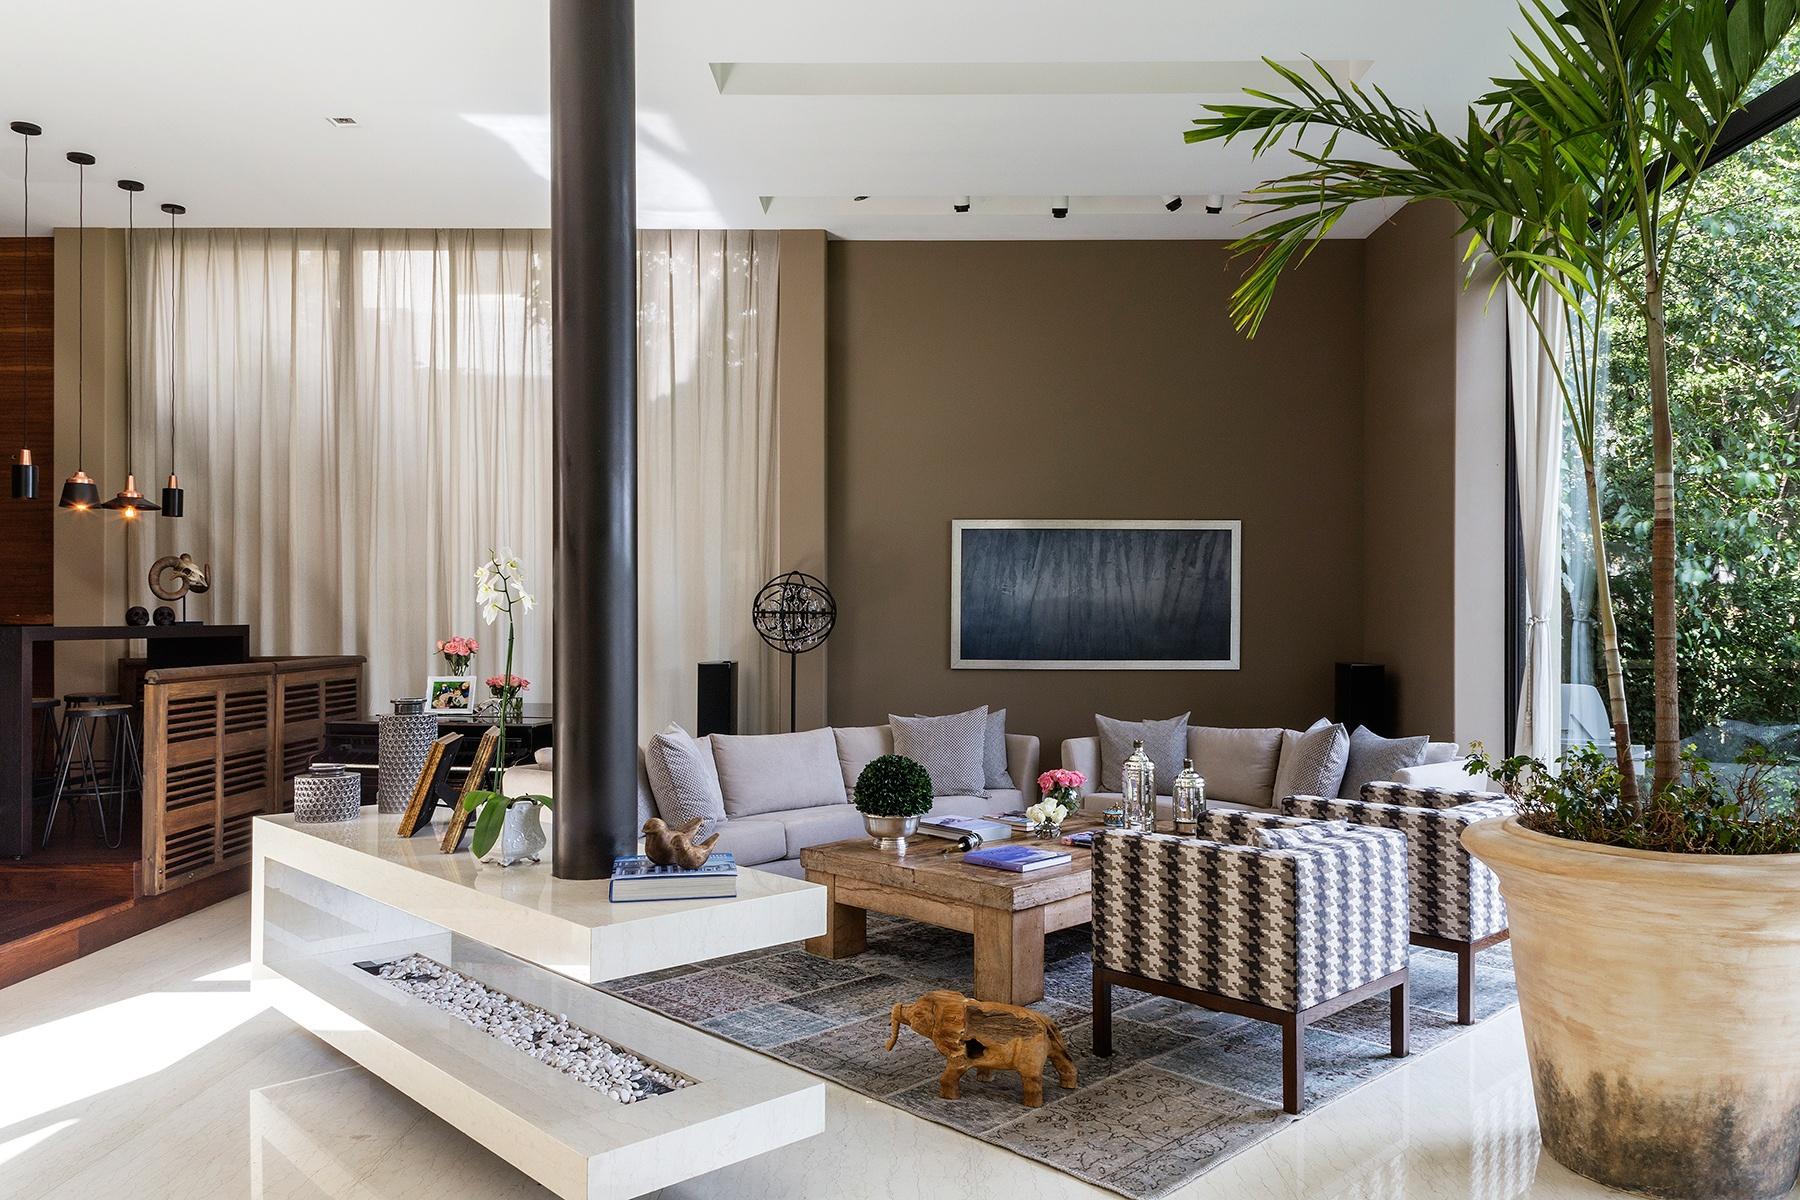 bardasano_arquitectos_ciudad_de_mexico_469770345_1800x1200